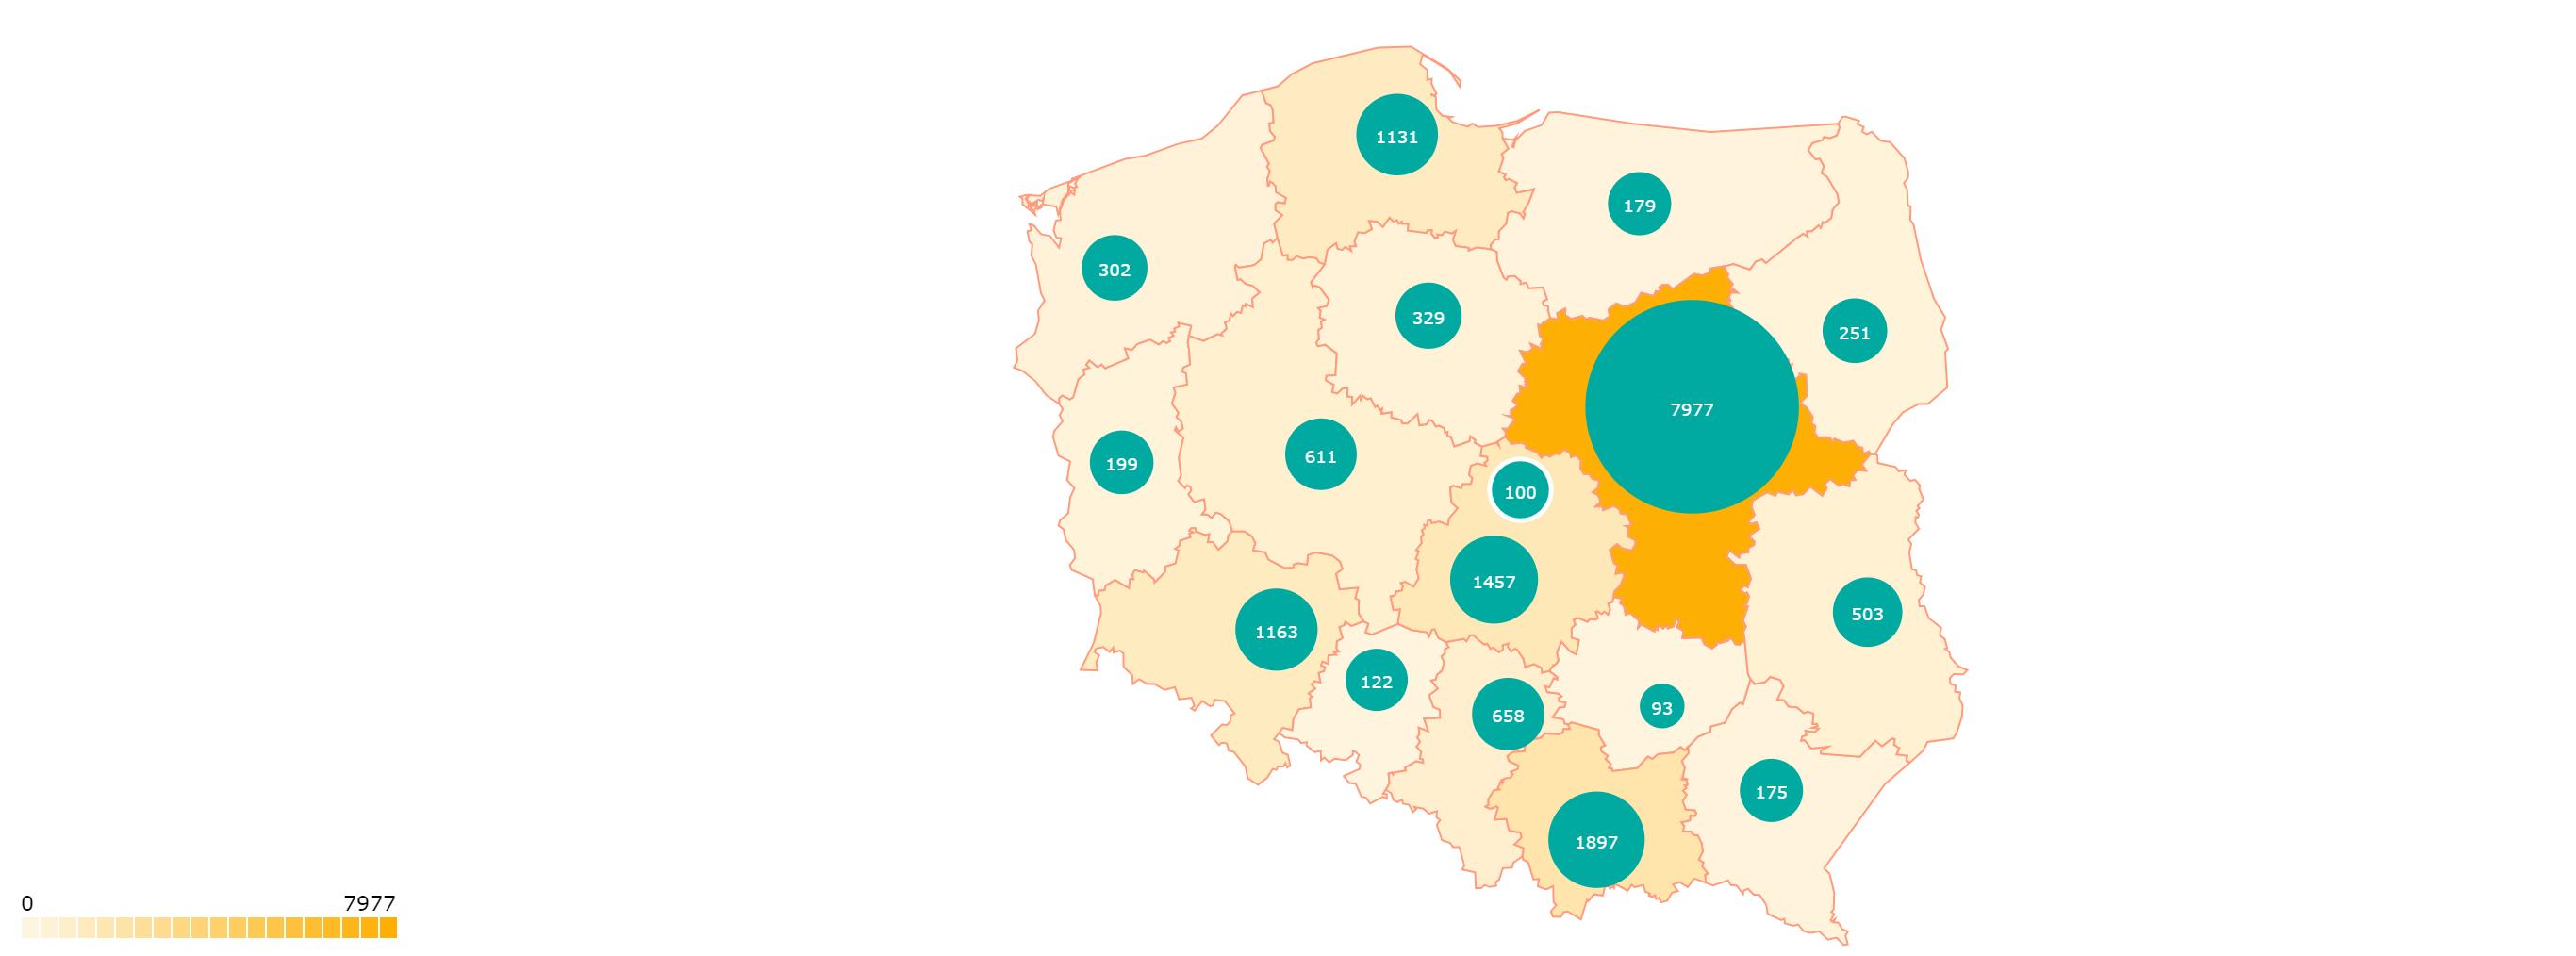 Rozkład liczby imigrantów w poszczególnych województwach